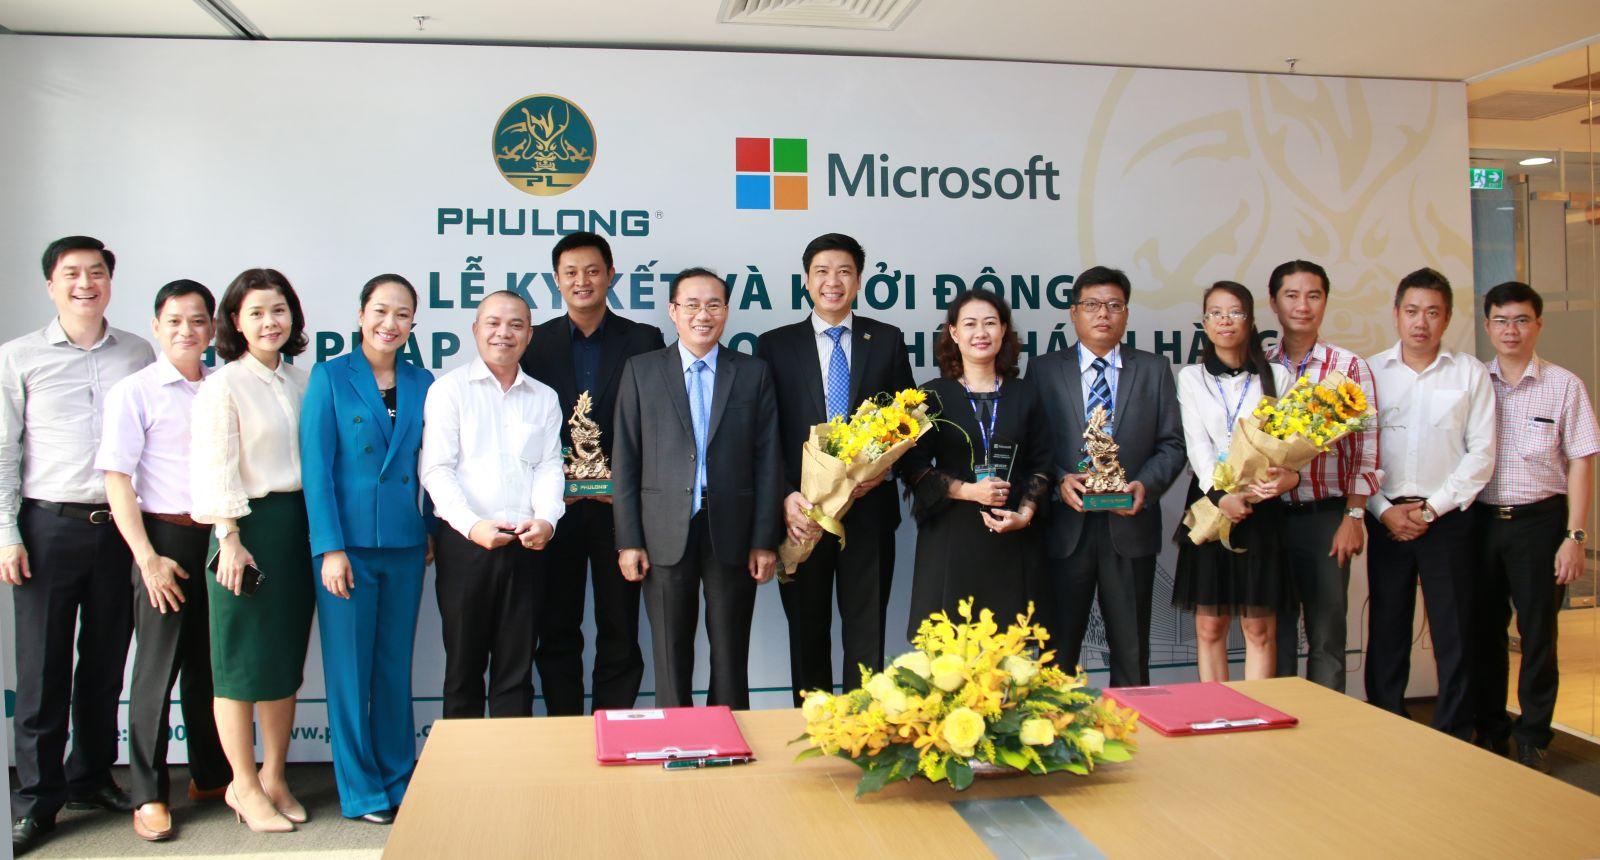 Lãnh đạo Phú Long và Microsoft Việt Nam chụp ảnh lưu niệm